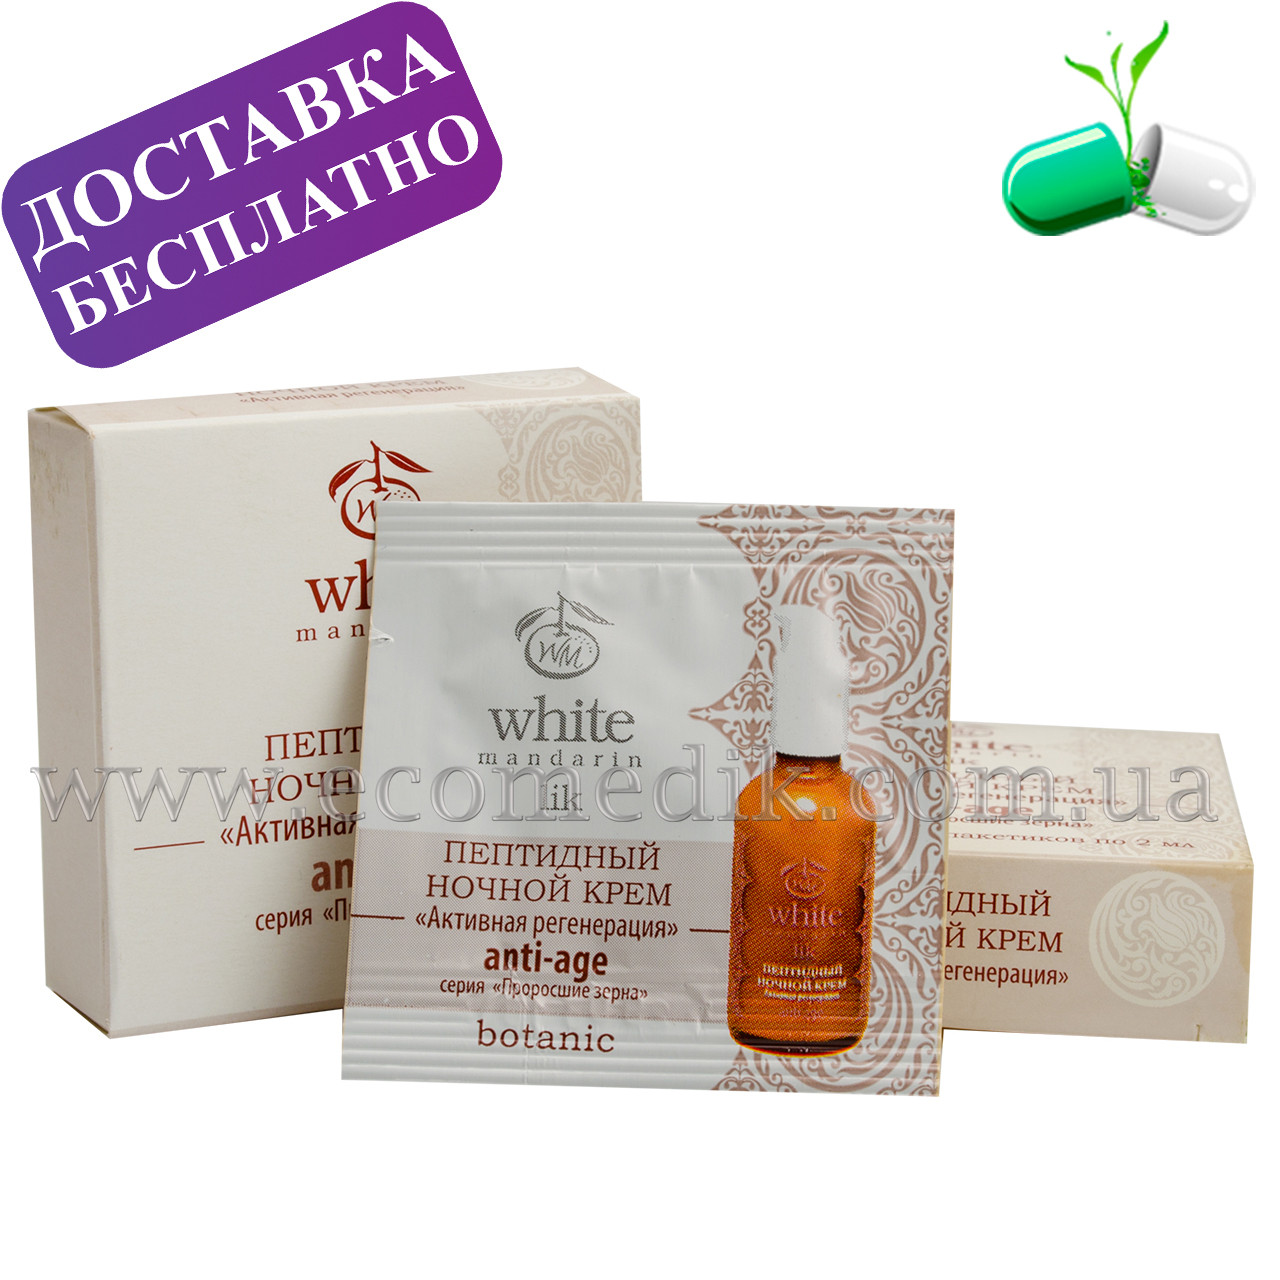 Пробник пептидного ночного крема «Активная регенерация» серии «Проросшие зерна» White Mandarin 2 мл